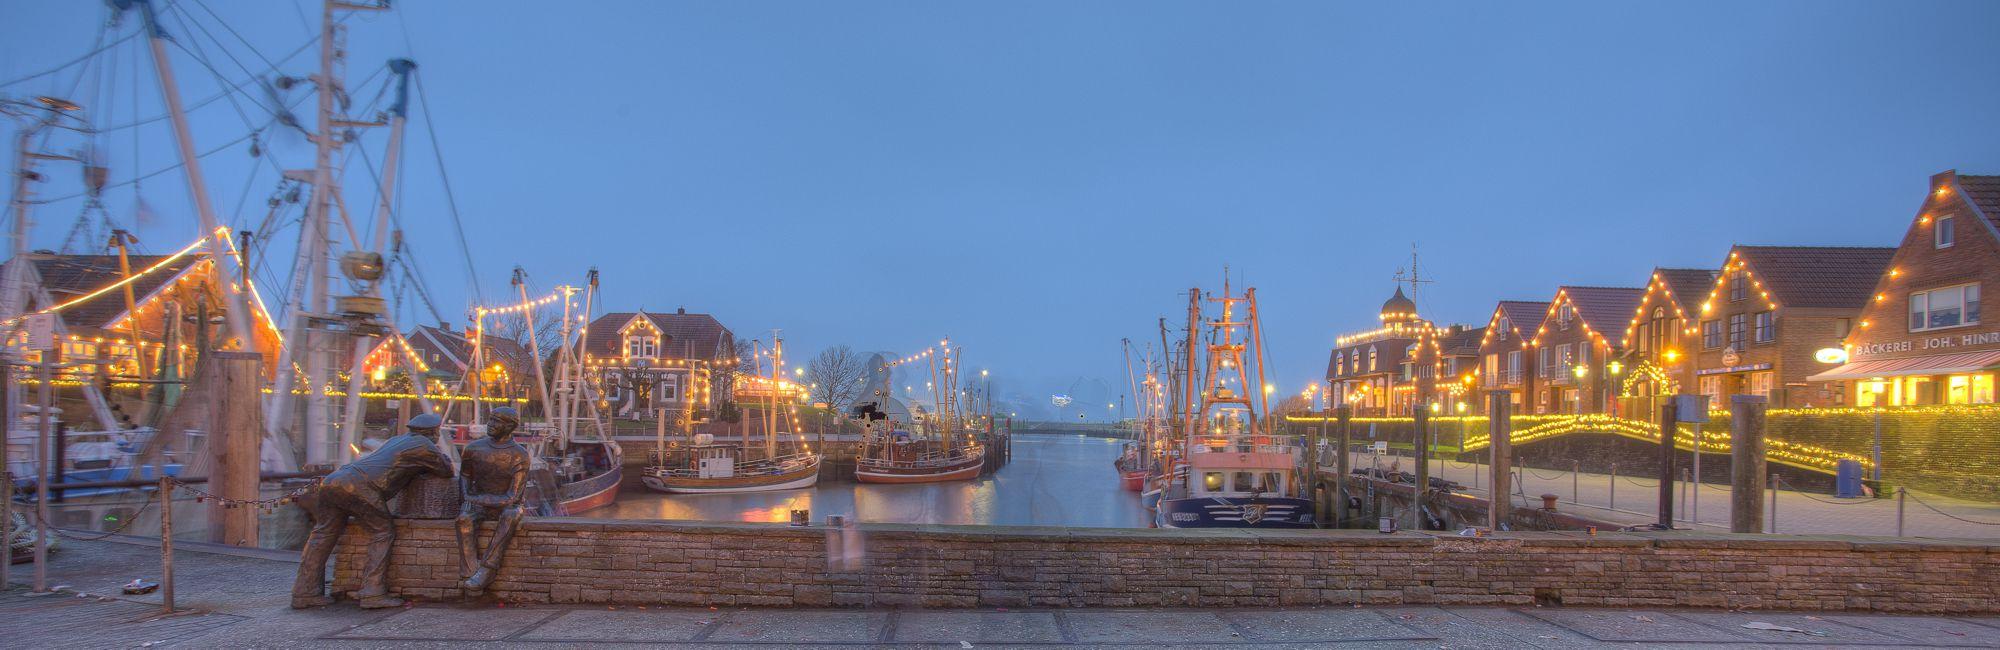 Weihnachten an der Nordsee in Neuharlingersiel - Kutterhafen mit Weihnachtsbeleuchtung